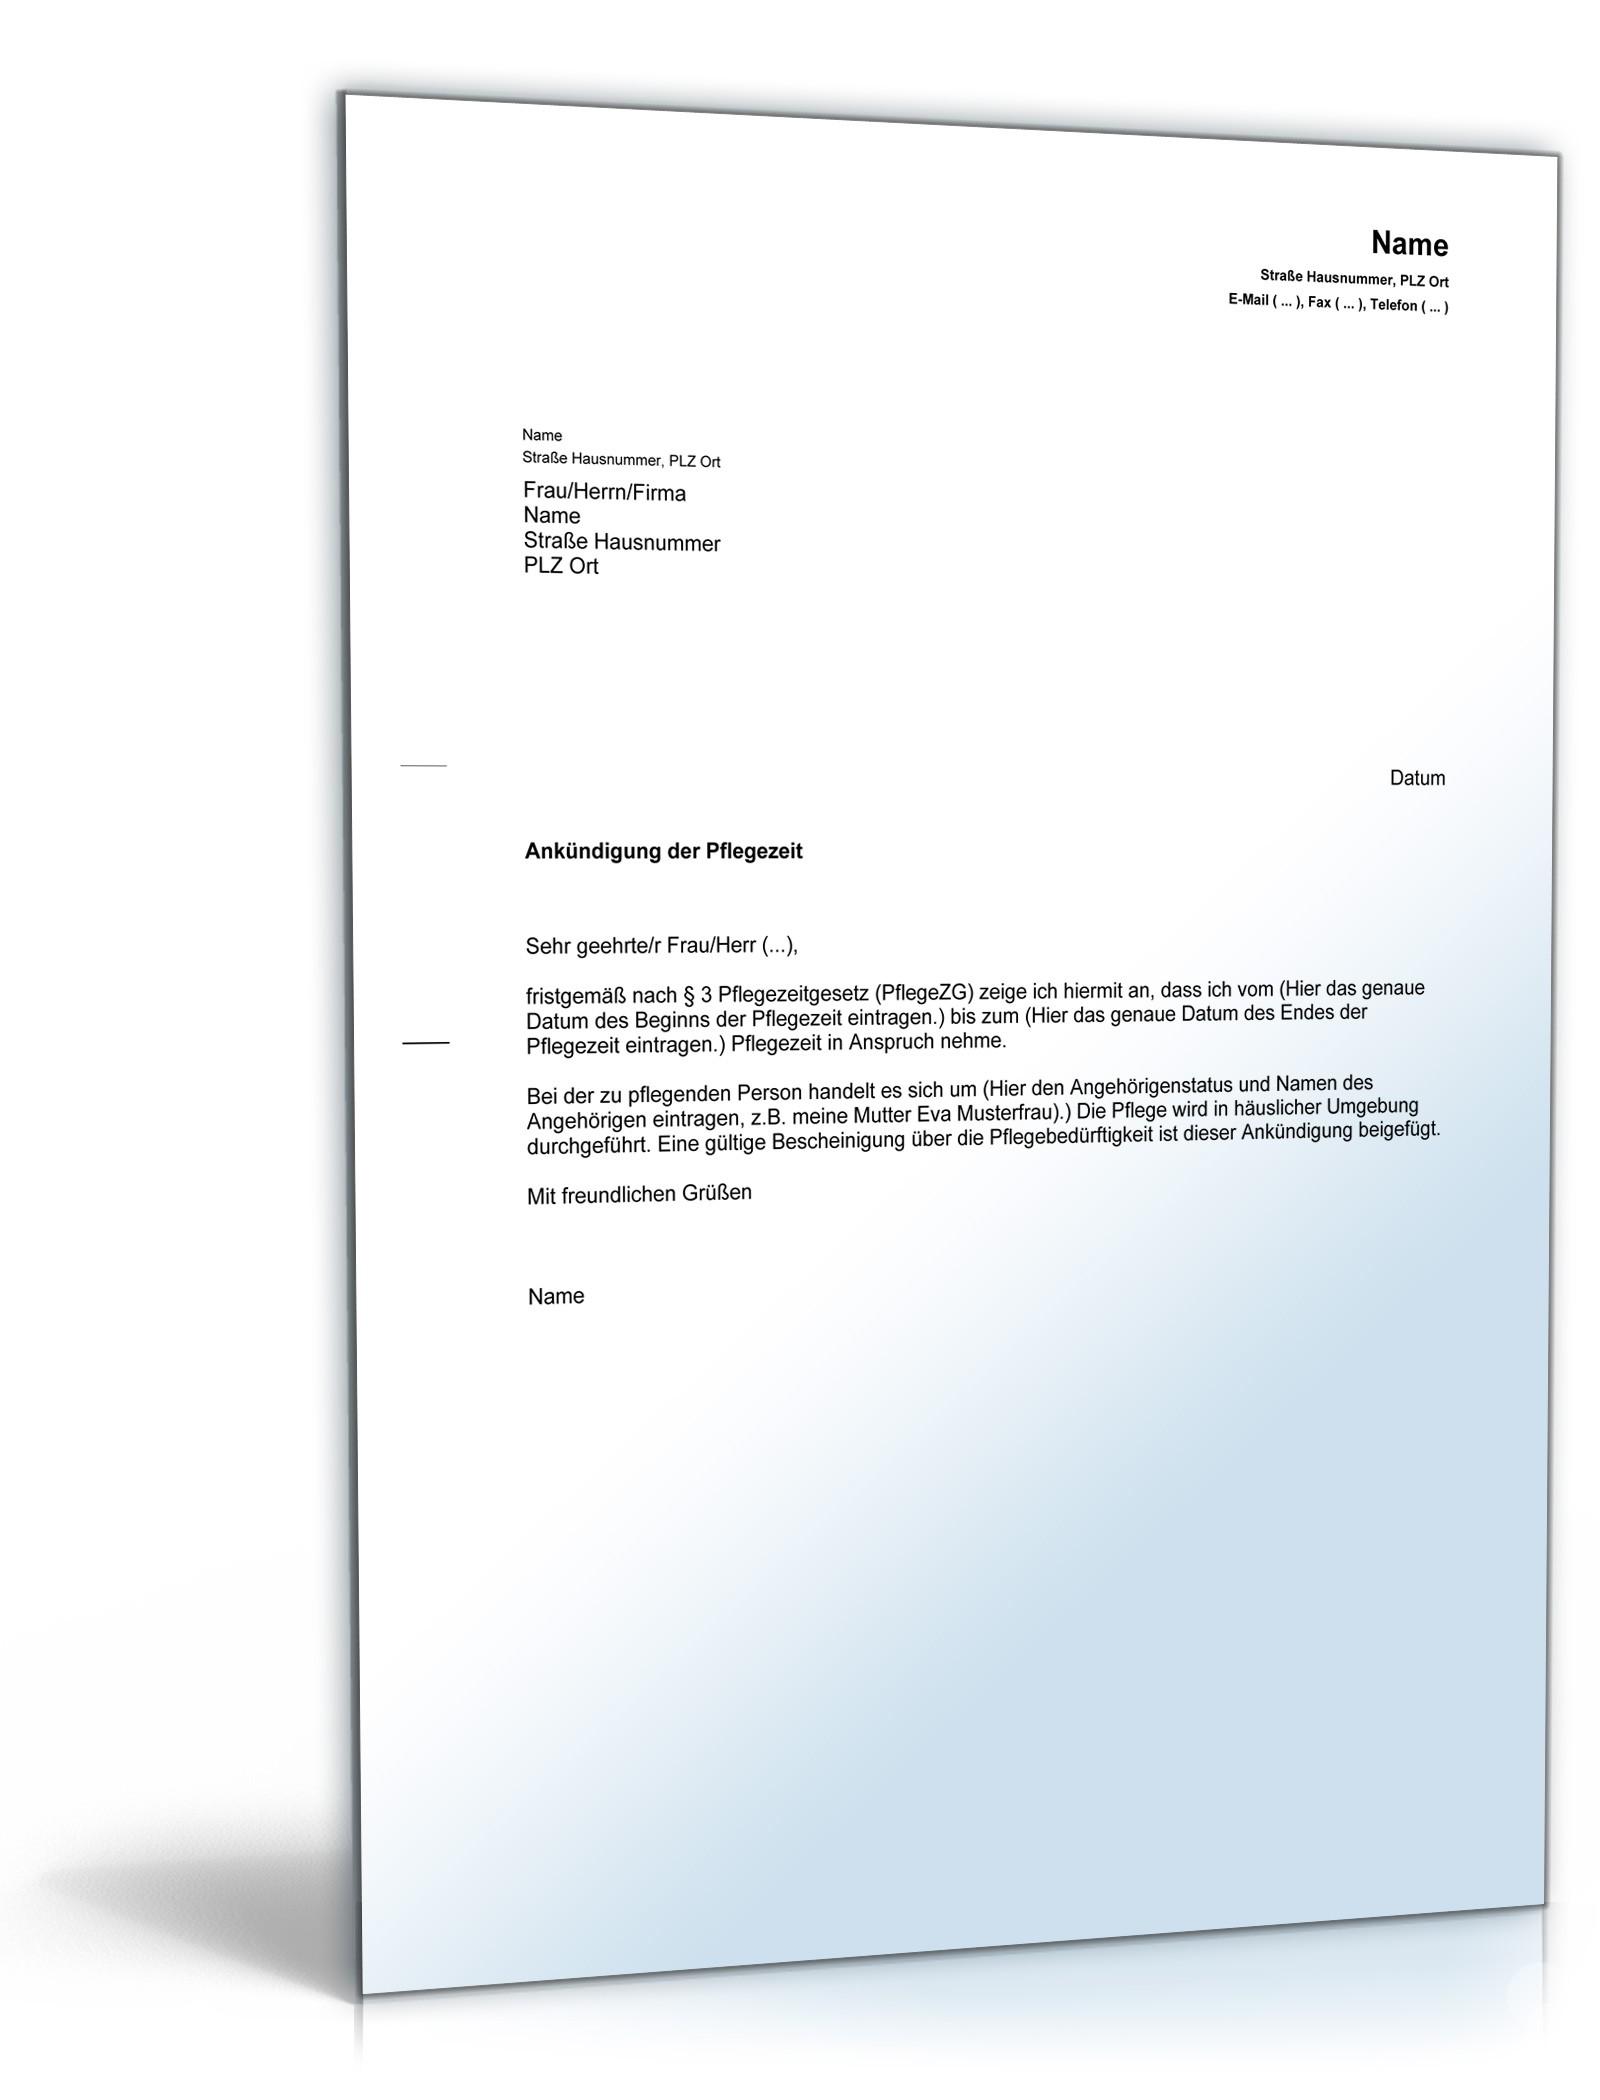 Arbeitsvertrag Ambulante Krankenpflege Vorlage Zum Download 4